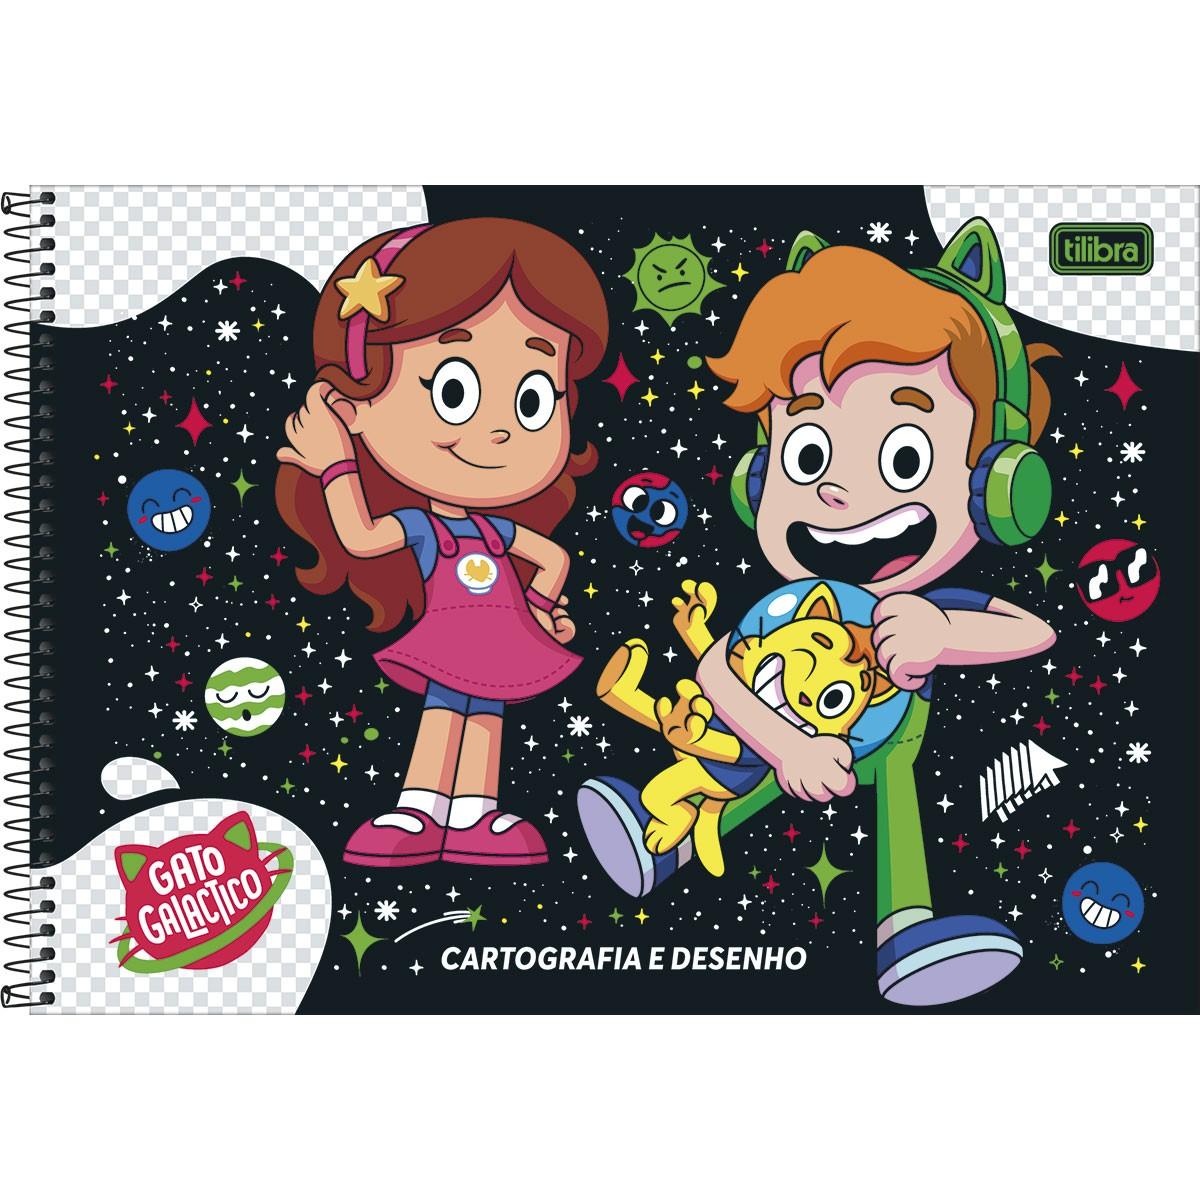 CADERNO DE CARTOGRAFIA E DESENHO ESPIRAL CAPA DURA GATO GALACTICO TILIBRA 80 FOLHAS - CAPA SORTIDA